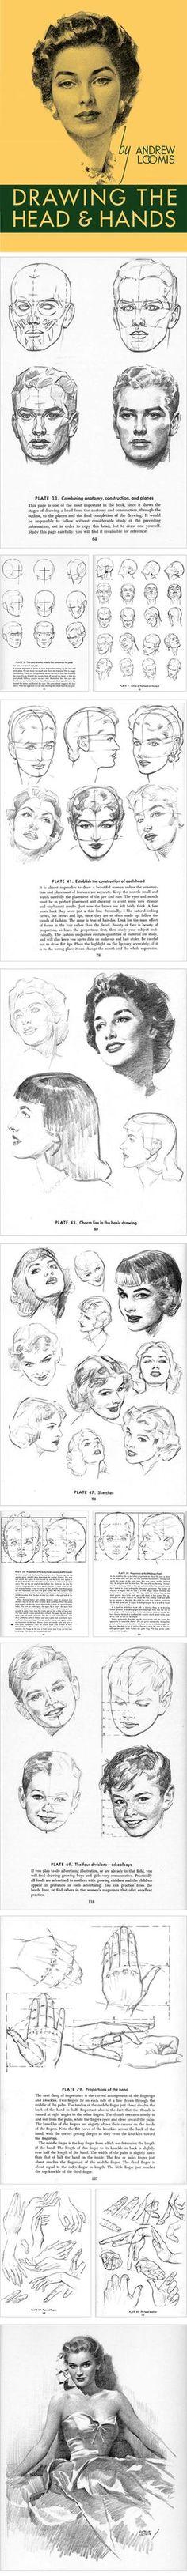 Dibujando la cabeza y las manos, Andrew Loomis